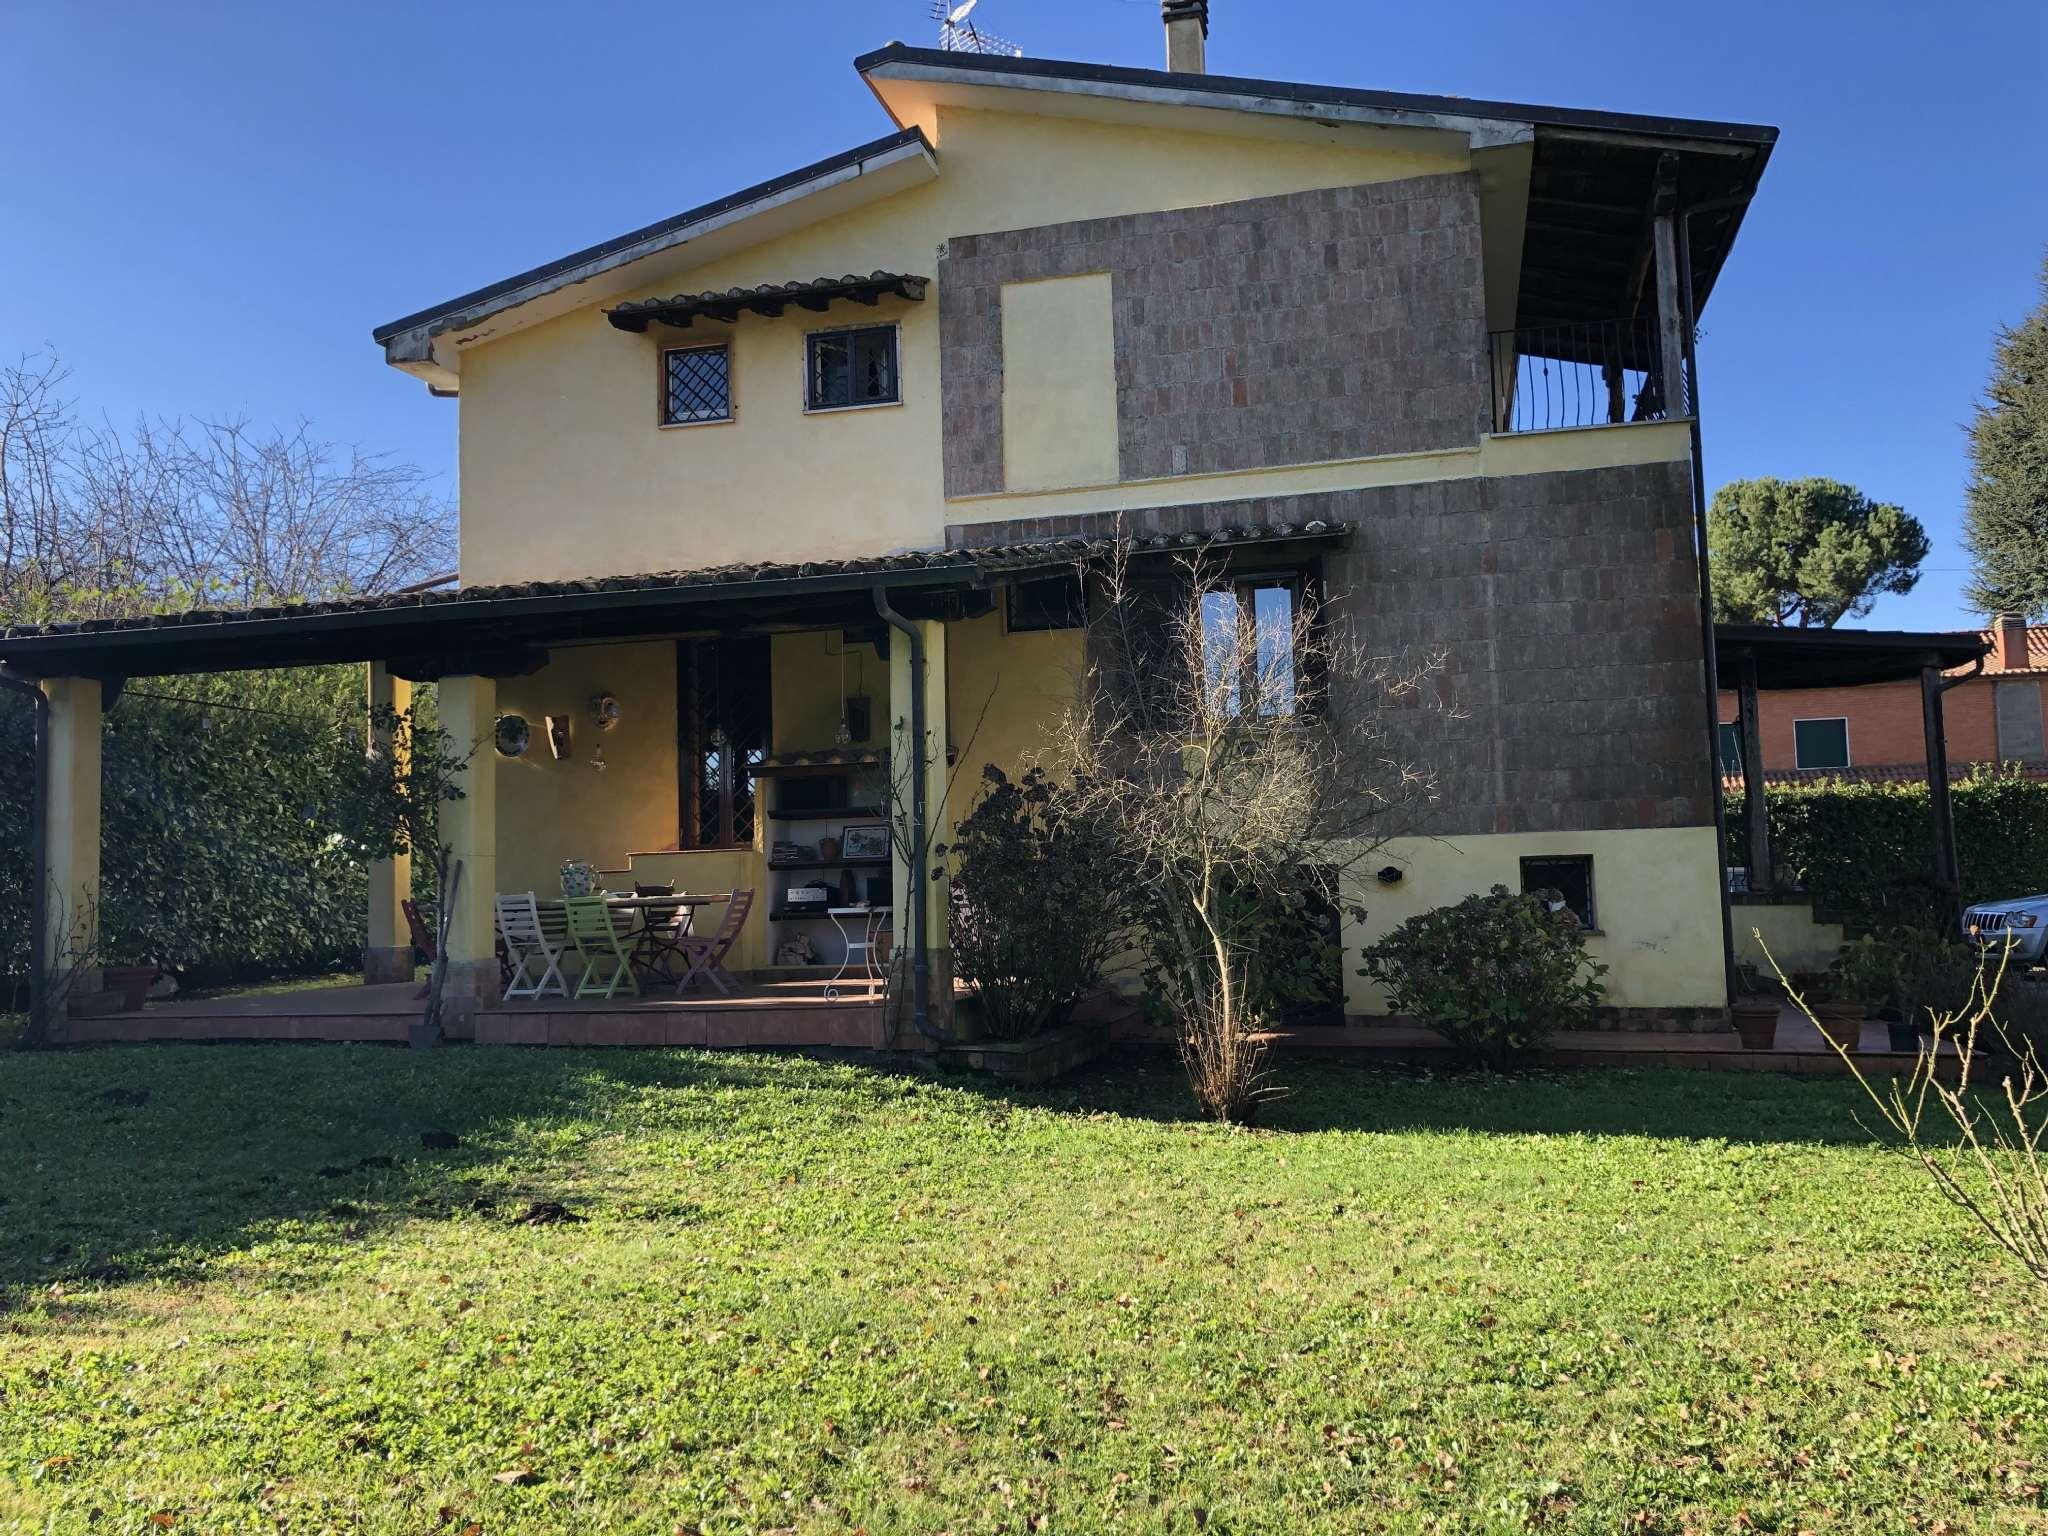 Villa in vendita a Rocca Priora, 10 locali, prezzo € 425.000 | CambioCasa.it